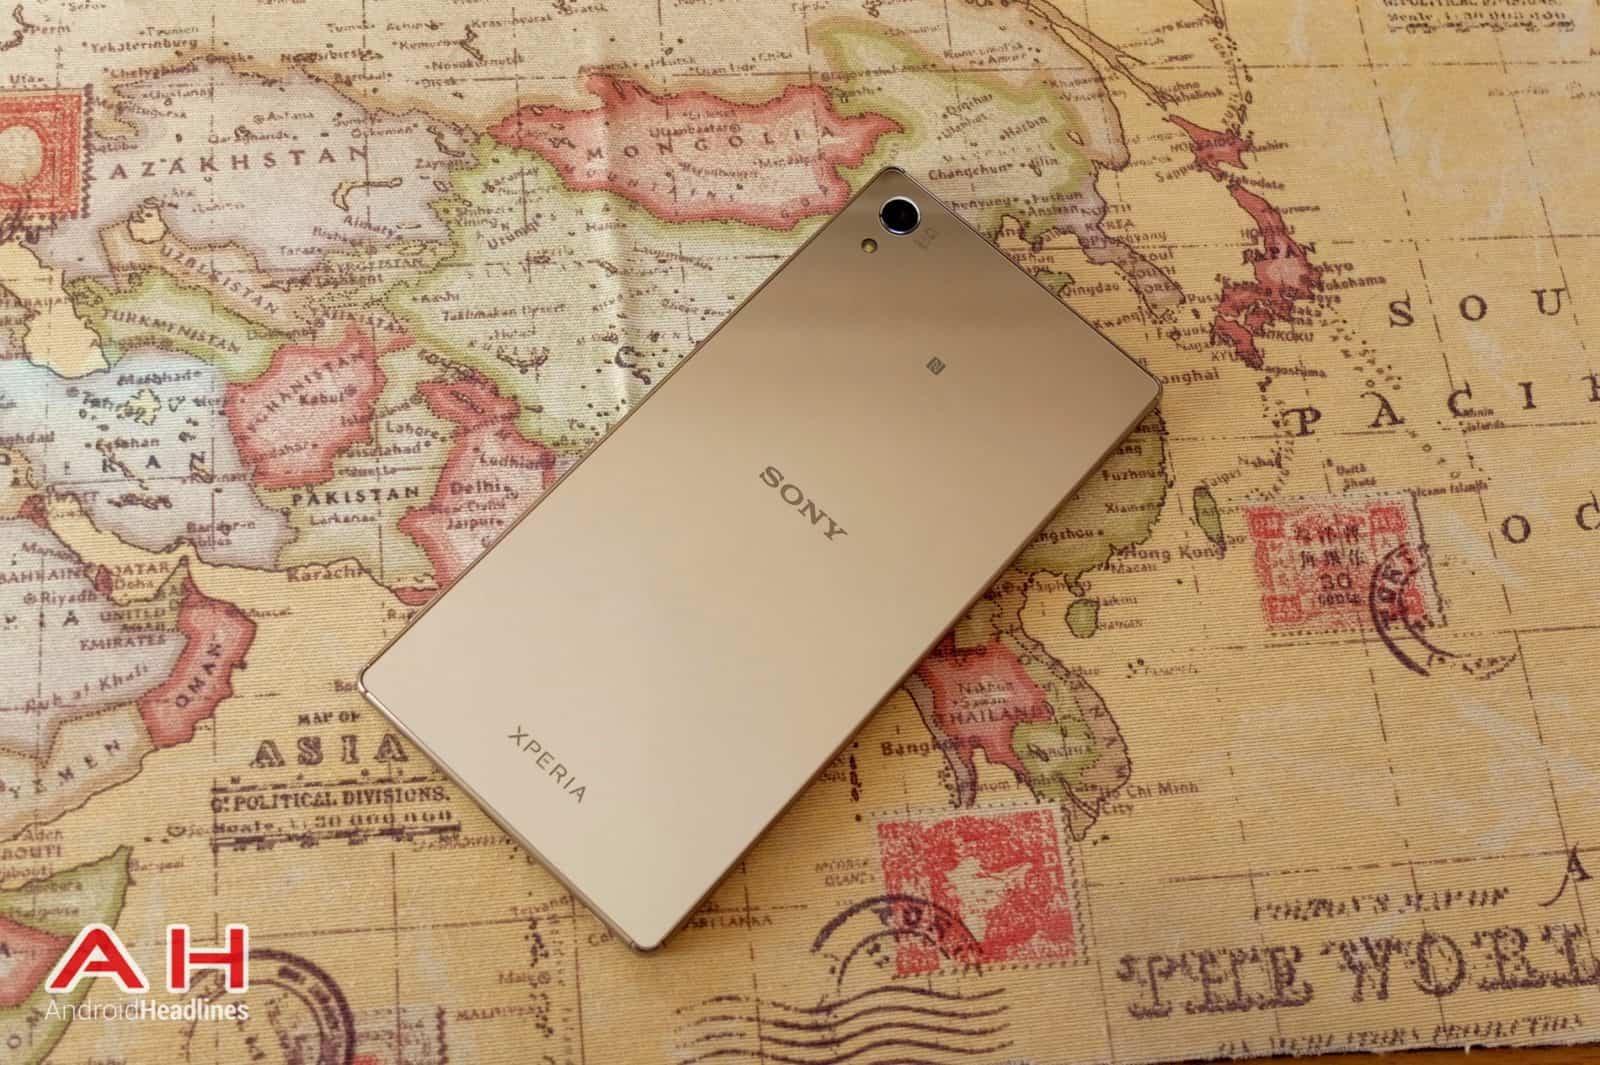 Sony Xperia Z5 Premium AH 32